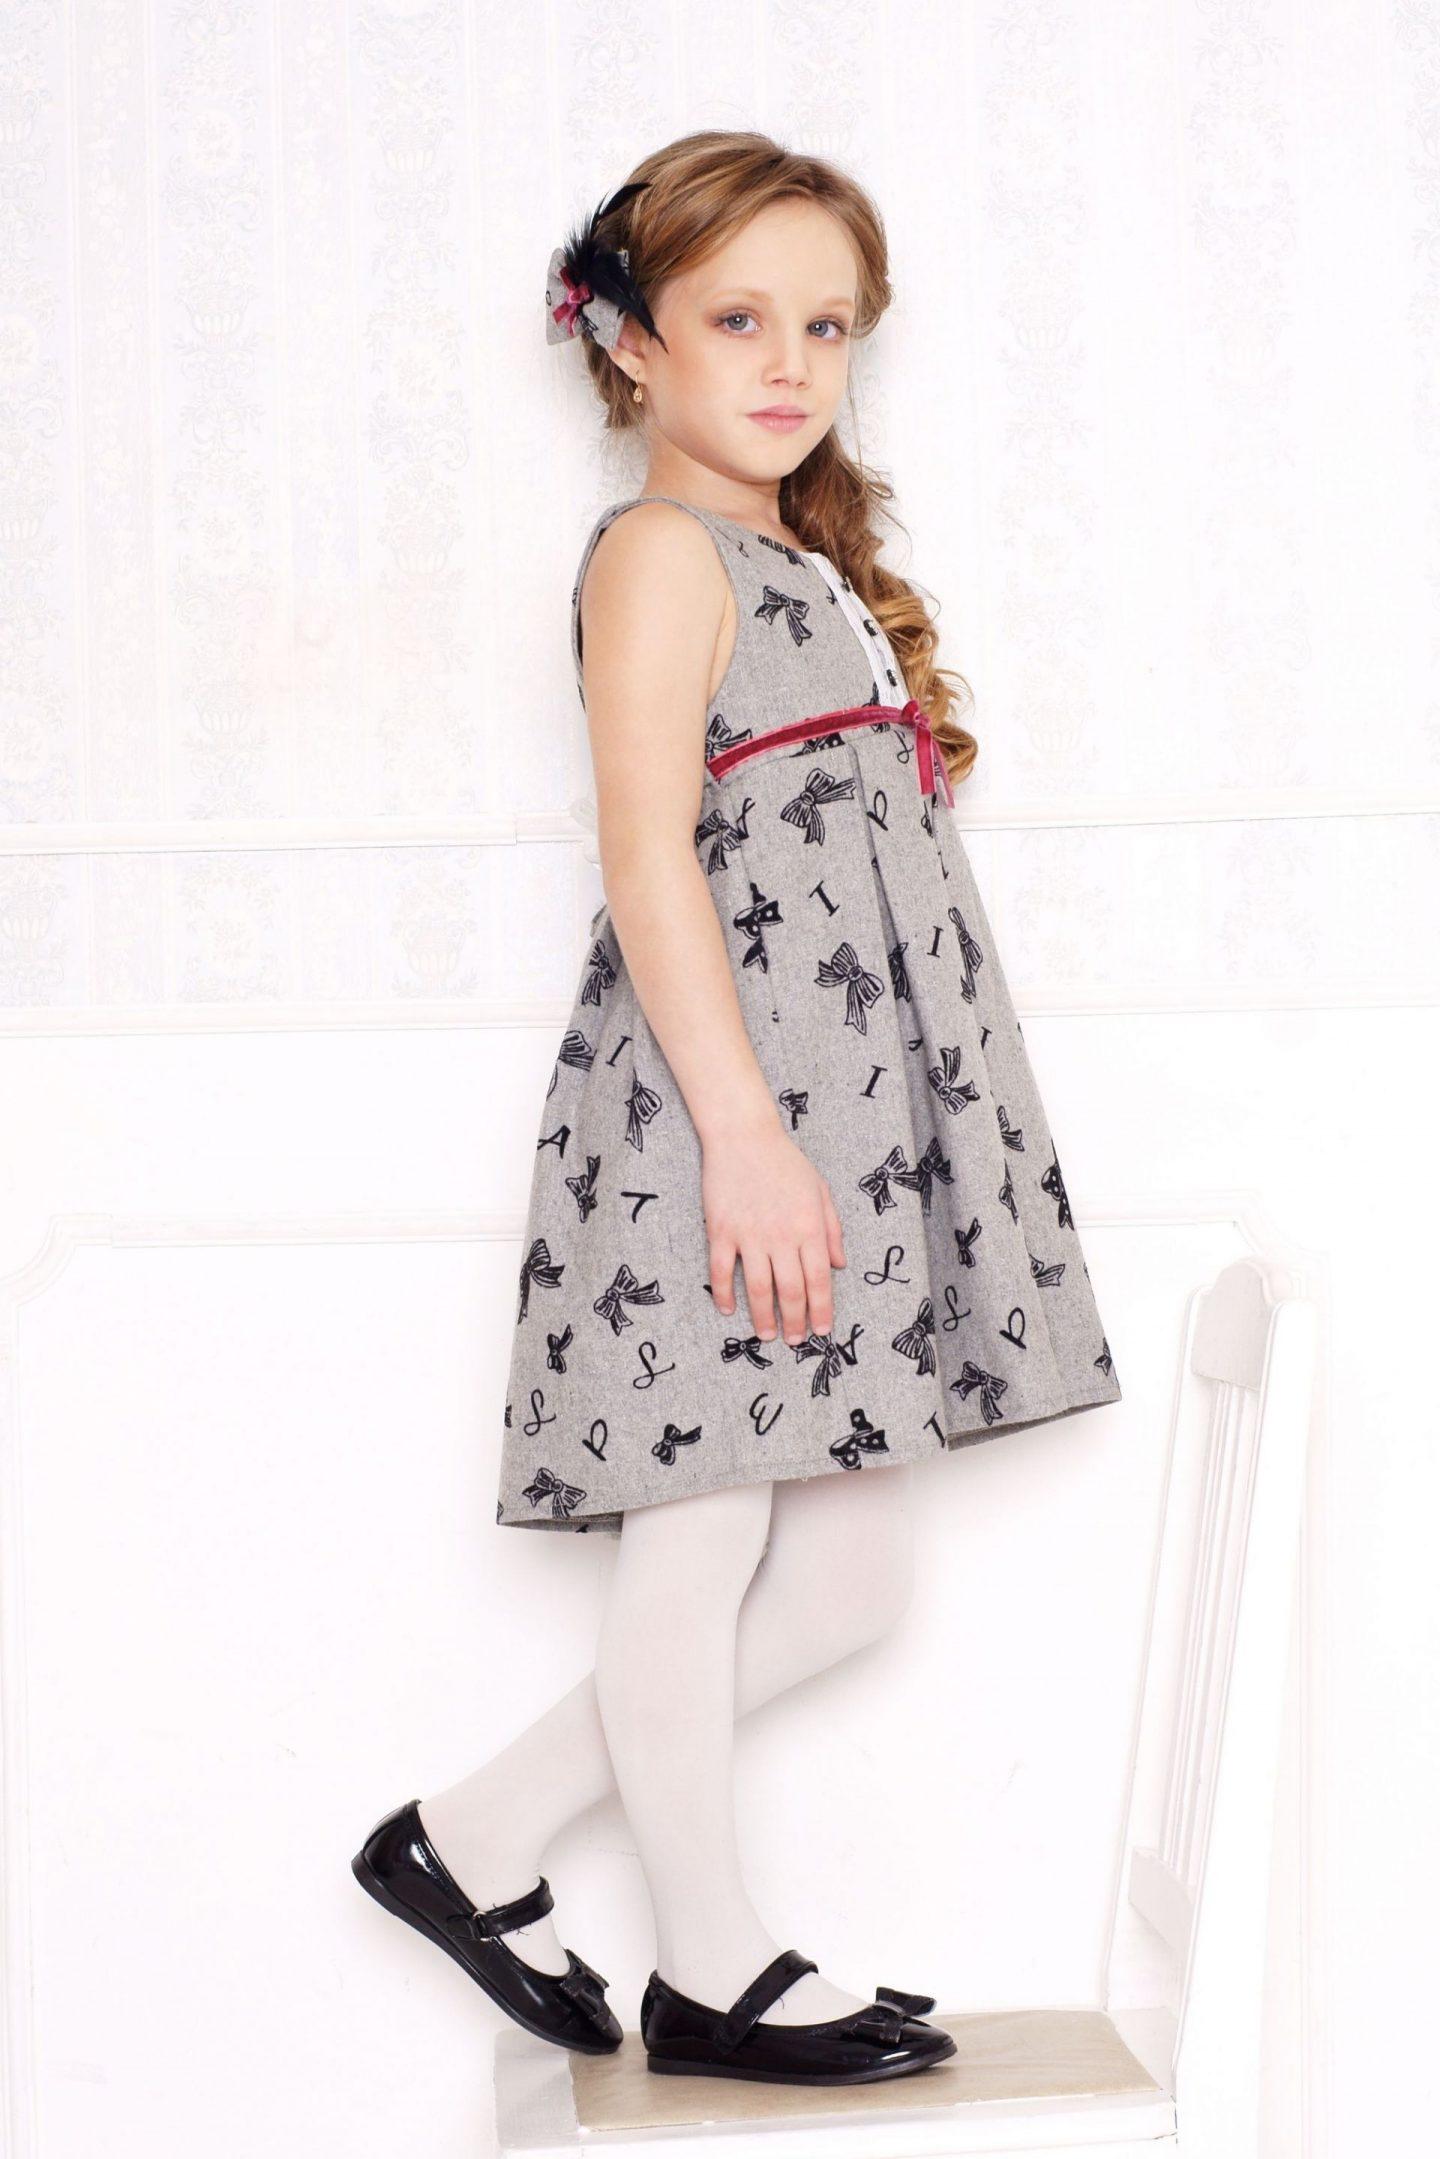 little girl in grey dress and white leggings